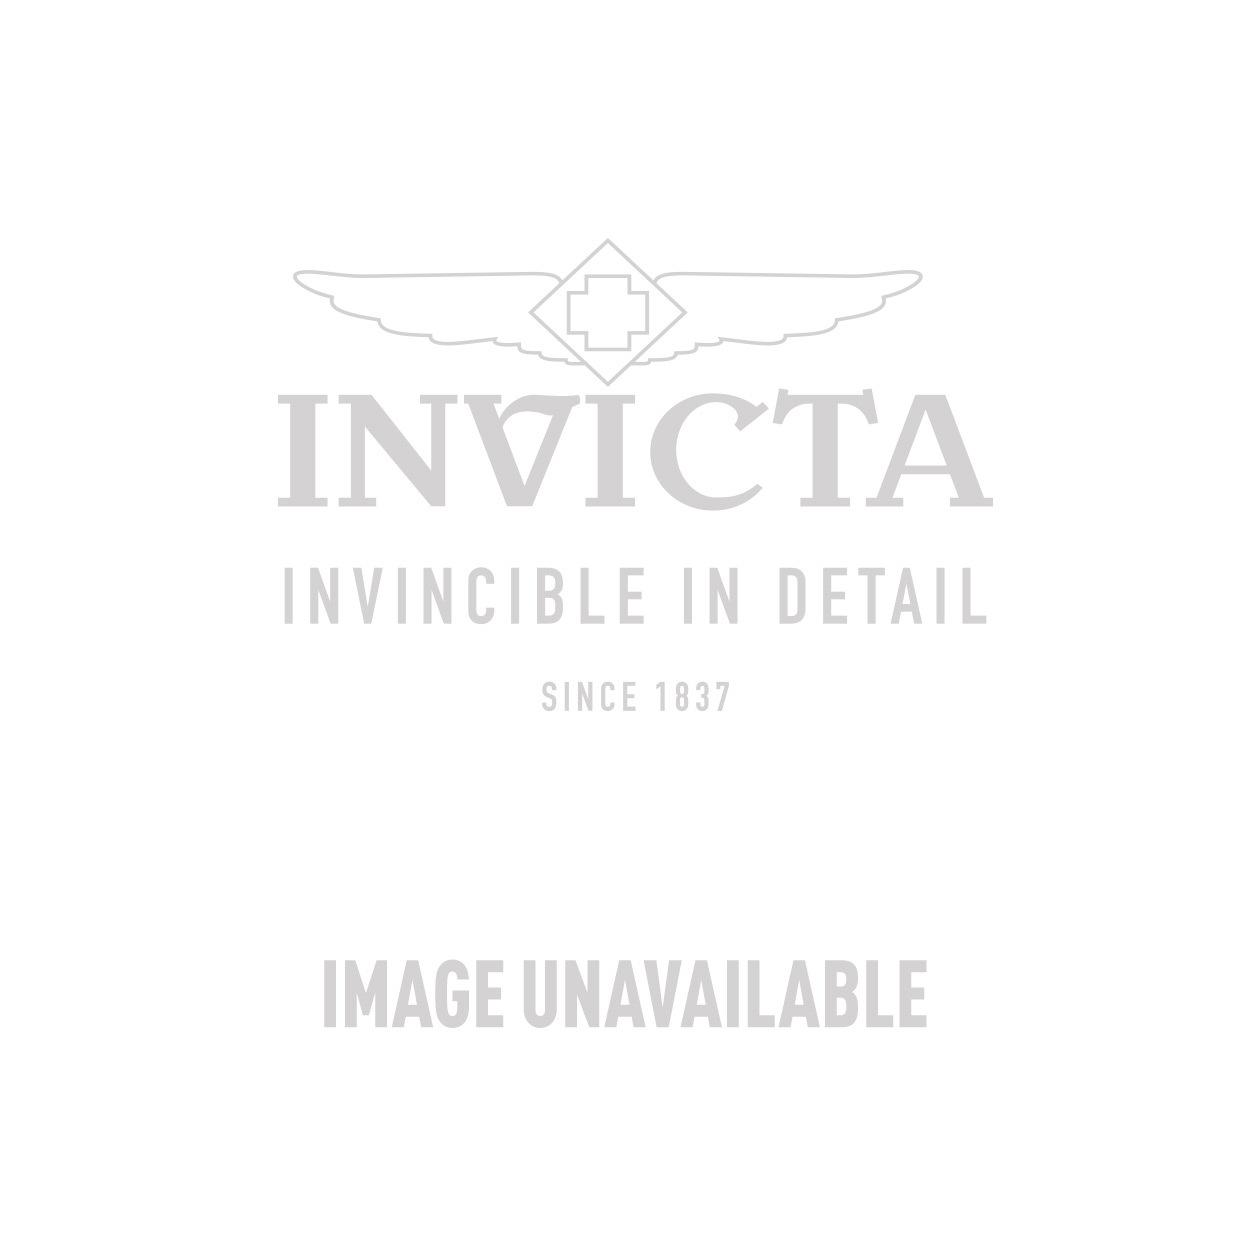 Invicta Model 21979